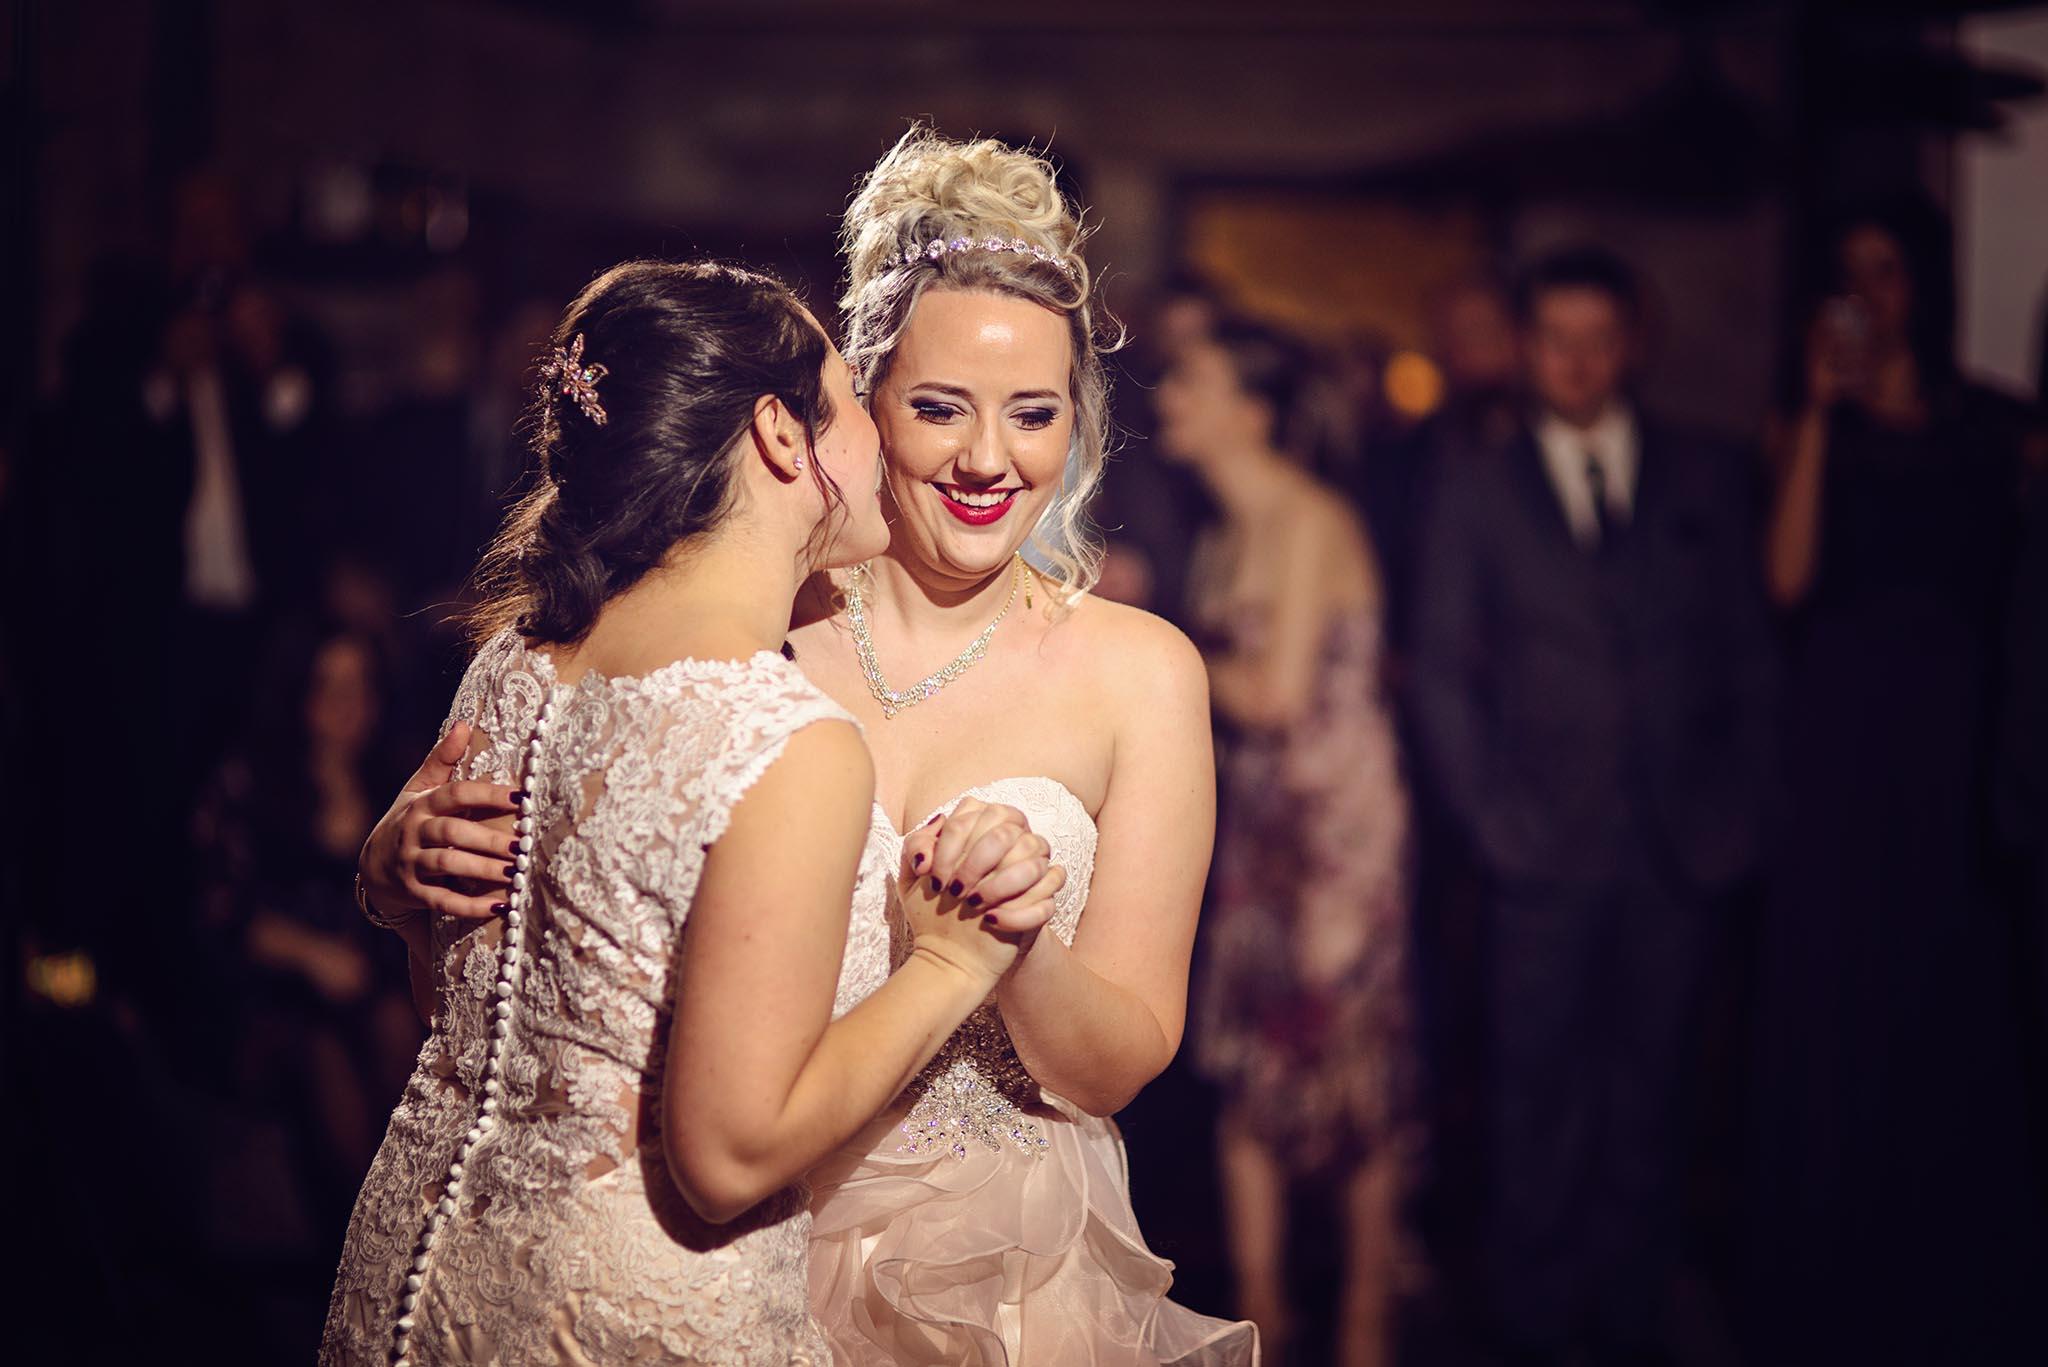 Peter-Bendevis-Photography-Kris-Laura-Cambridge-Mill-Winter-Wedding38